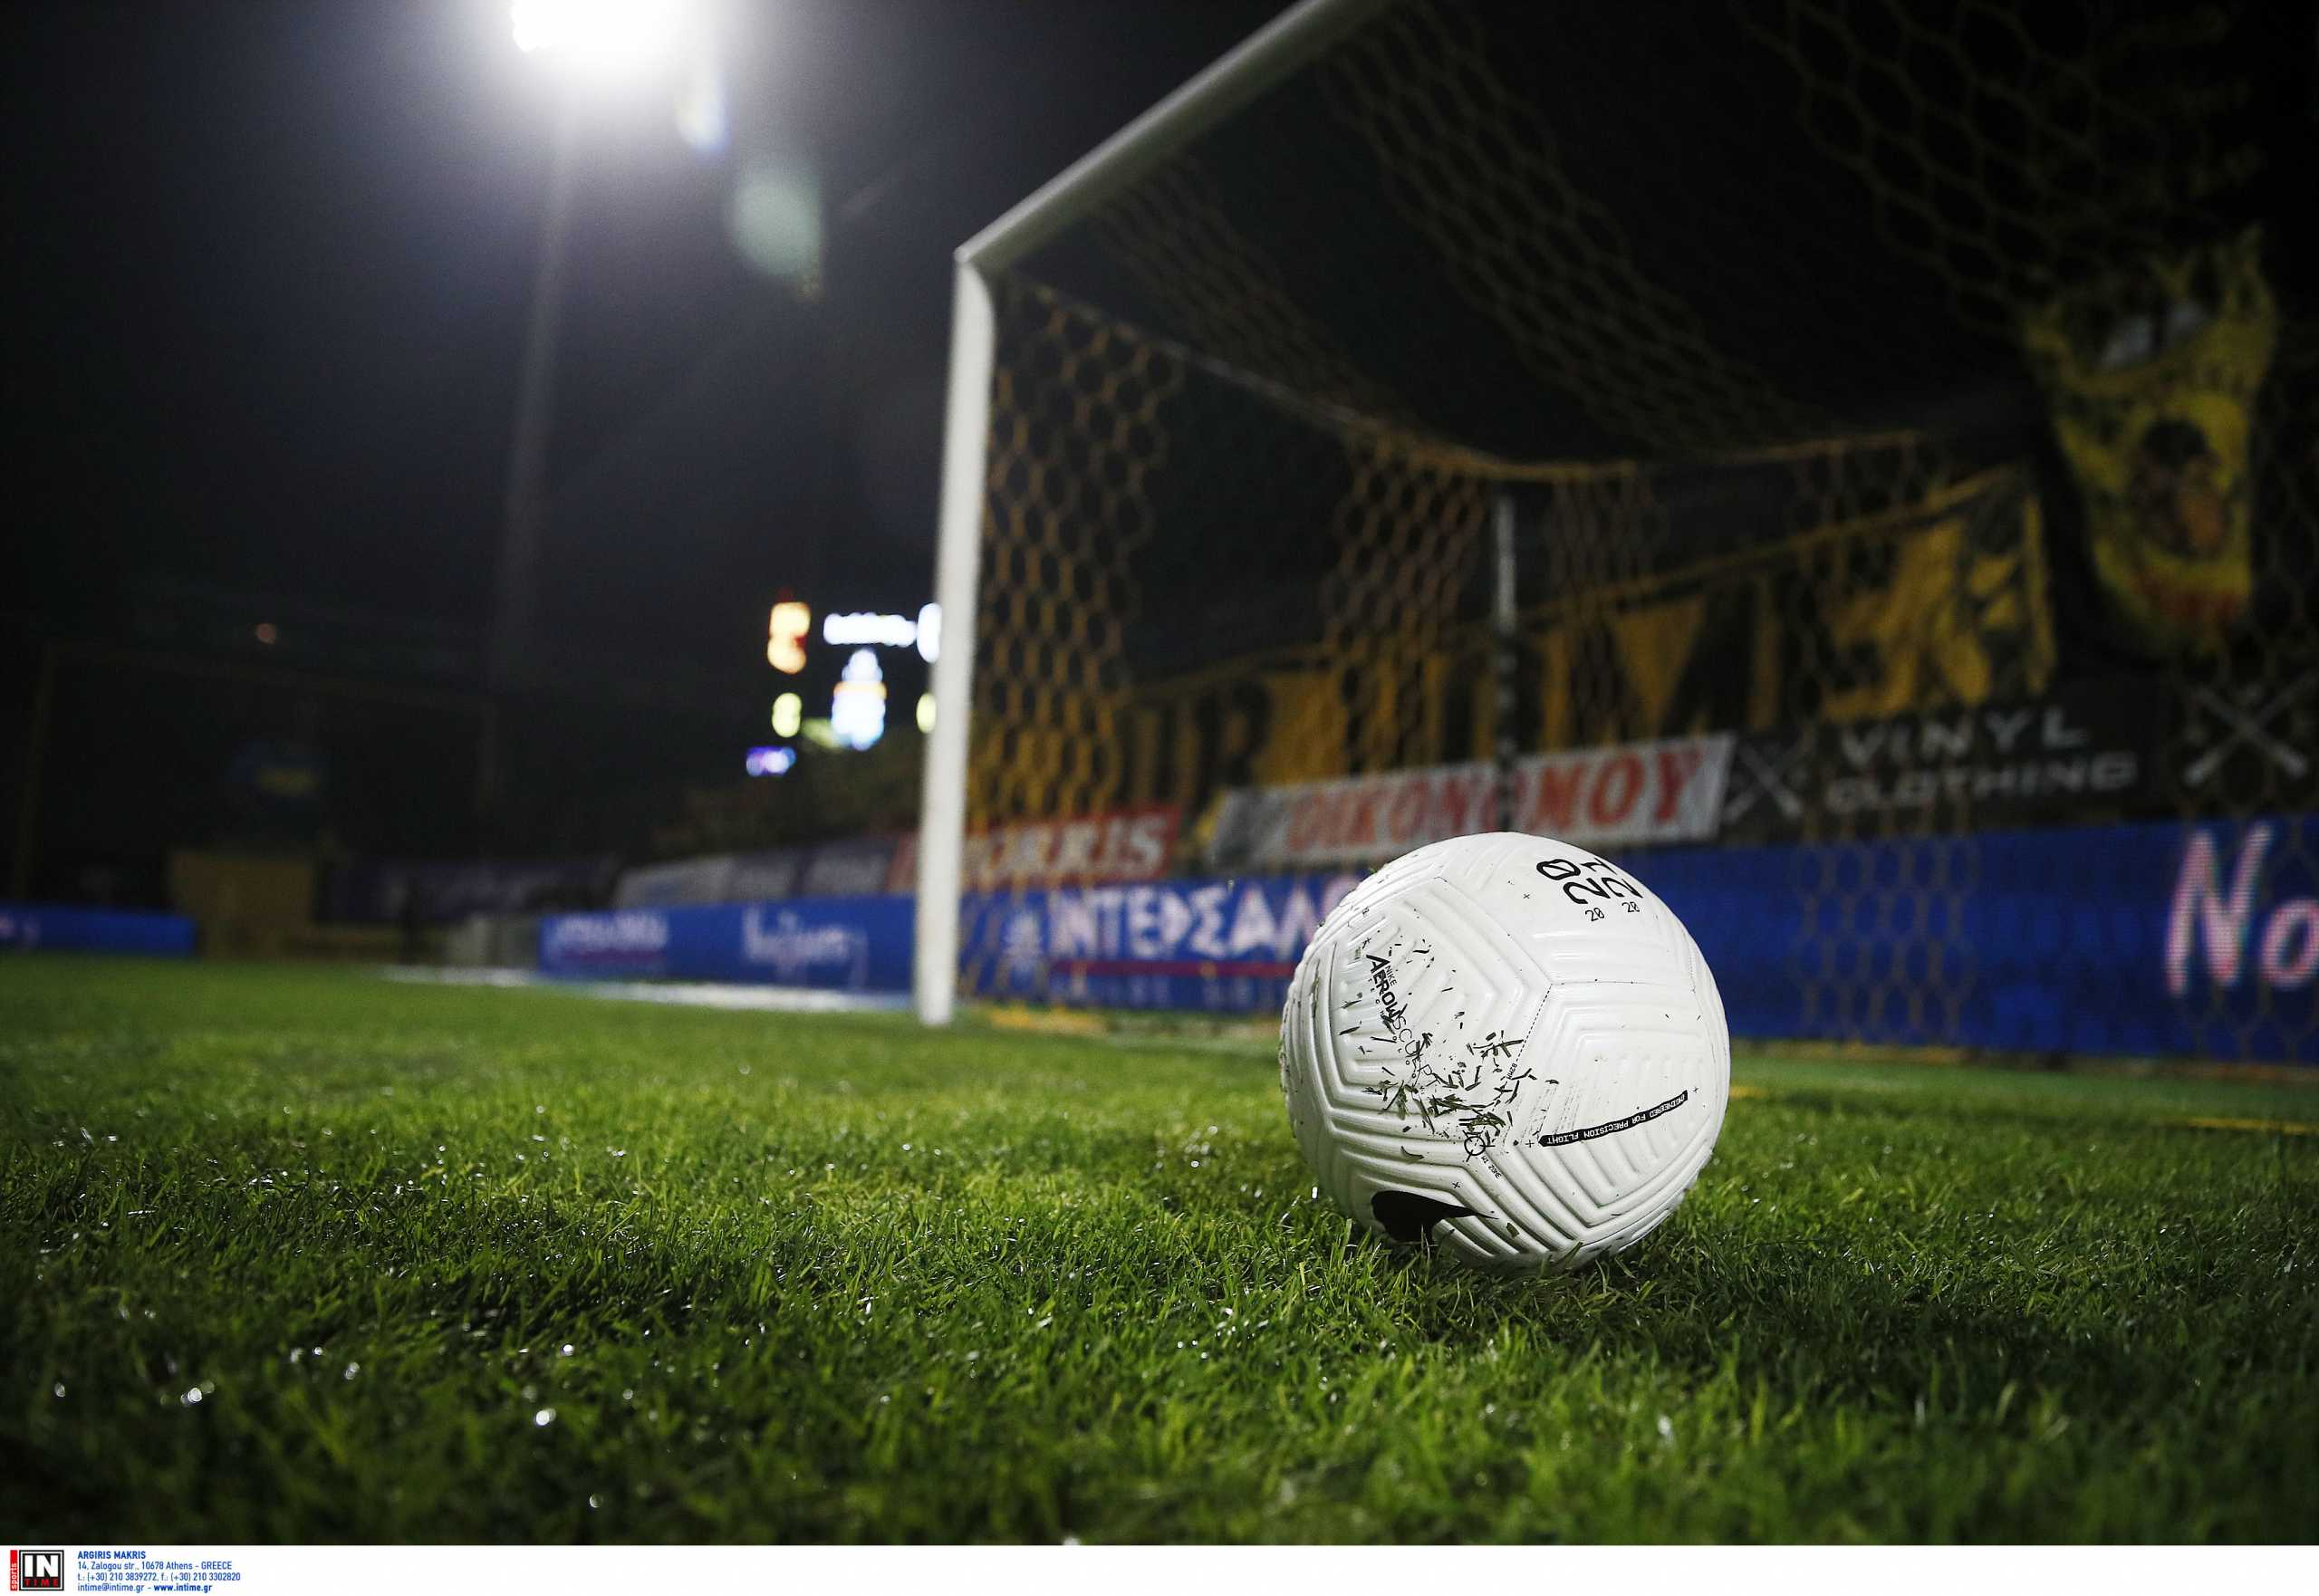 Βαθμολογία Superleague: Χαμός στην «ουρά» μετά τη νίκη της Λαμίας – «Μπλέξιμο» για ΟΦΗ